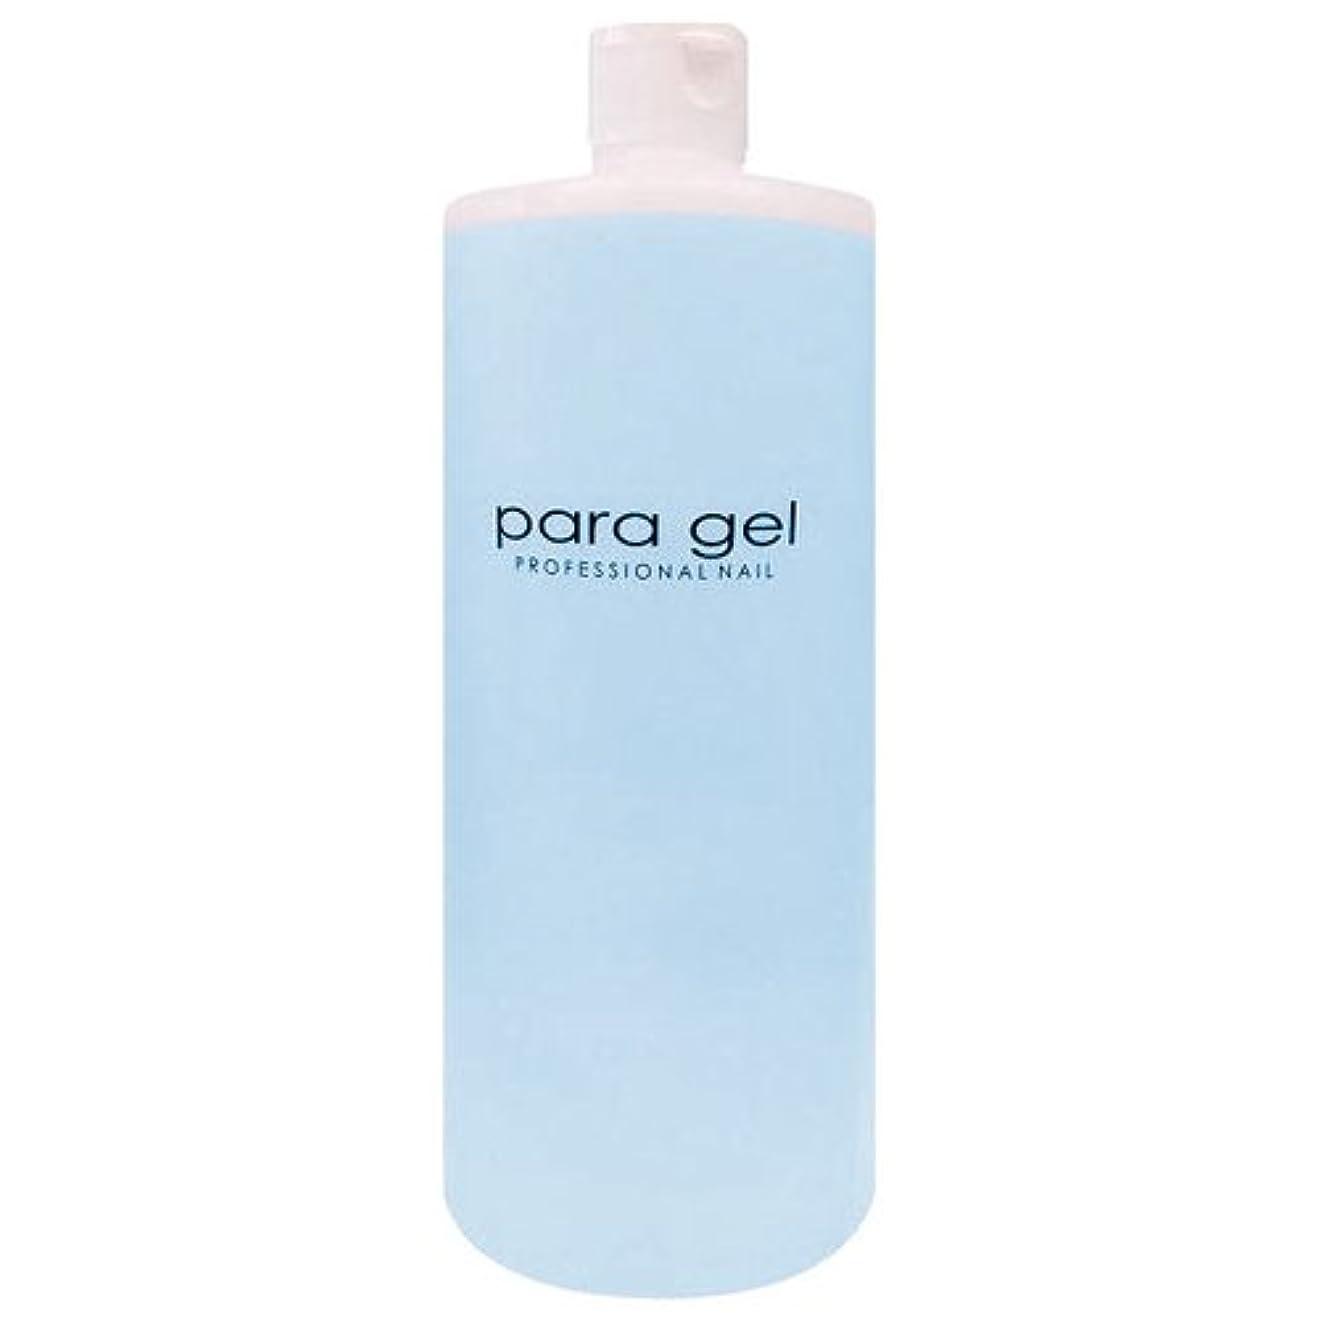 サンダル誇り権威パラジェル(para gel) パラプレップ 1000ml